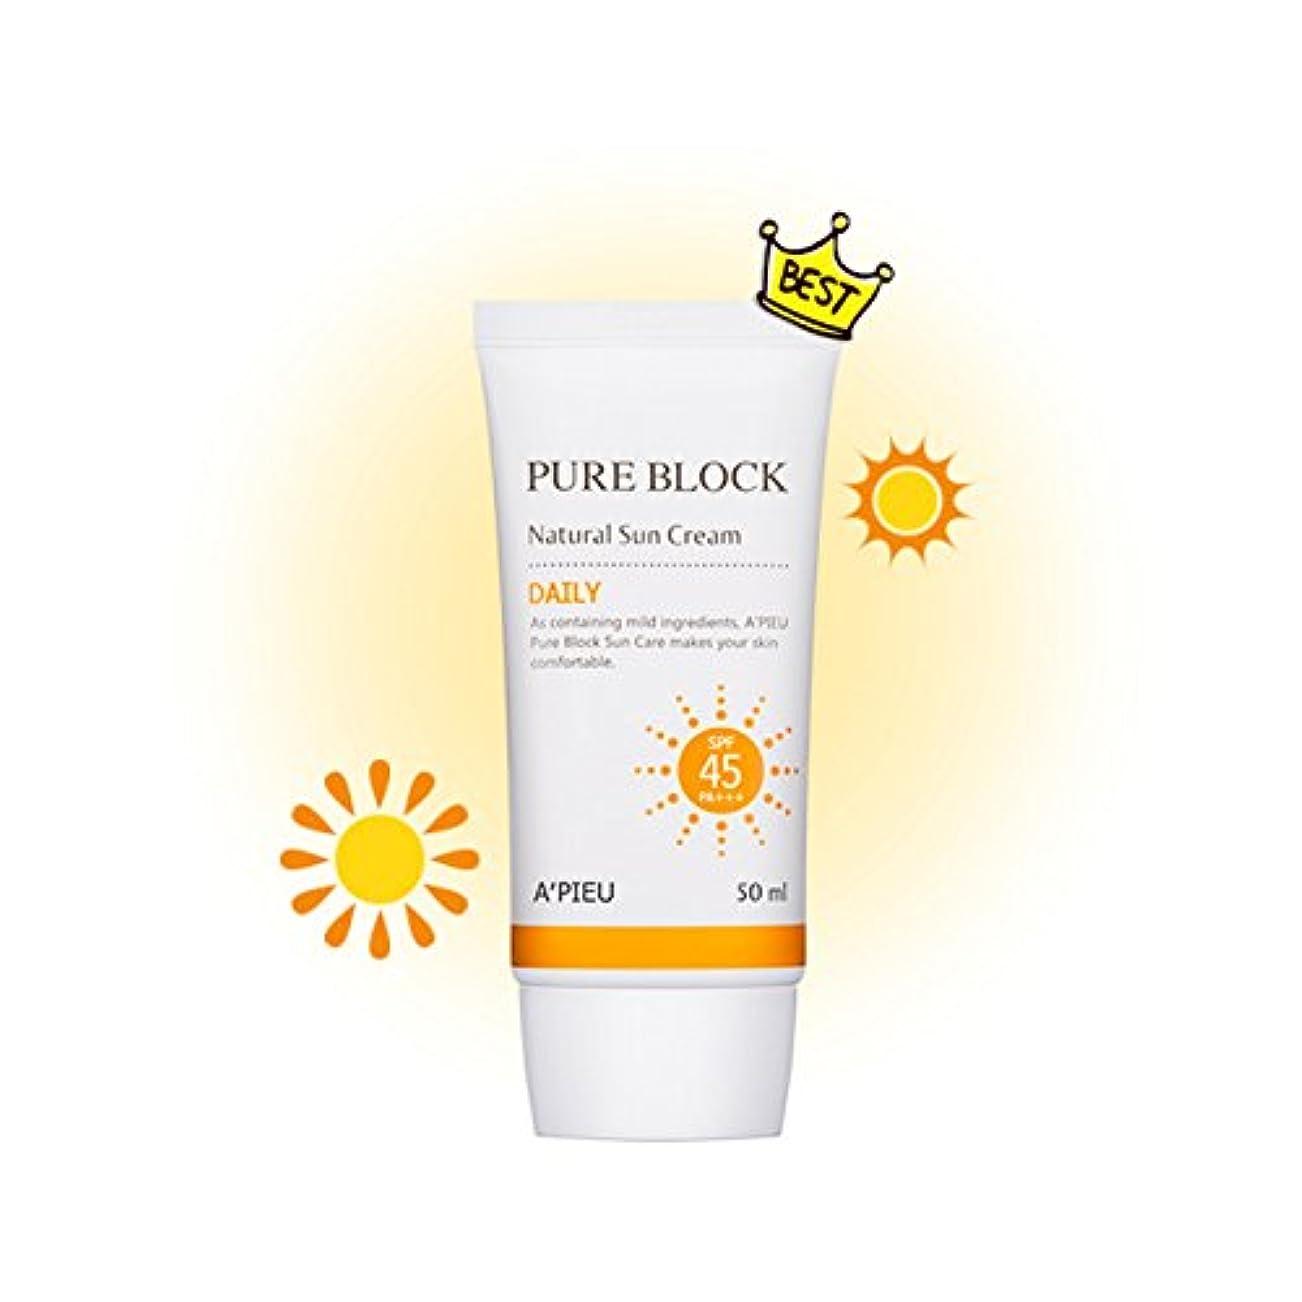 単独で原点エントリ[オピュ] A'PIEU ピュアブロックナチュラルデイリー日焼け止め Pure Block Natural Daily Sun Cream SPF 45 PA+++ [並行輸入品]